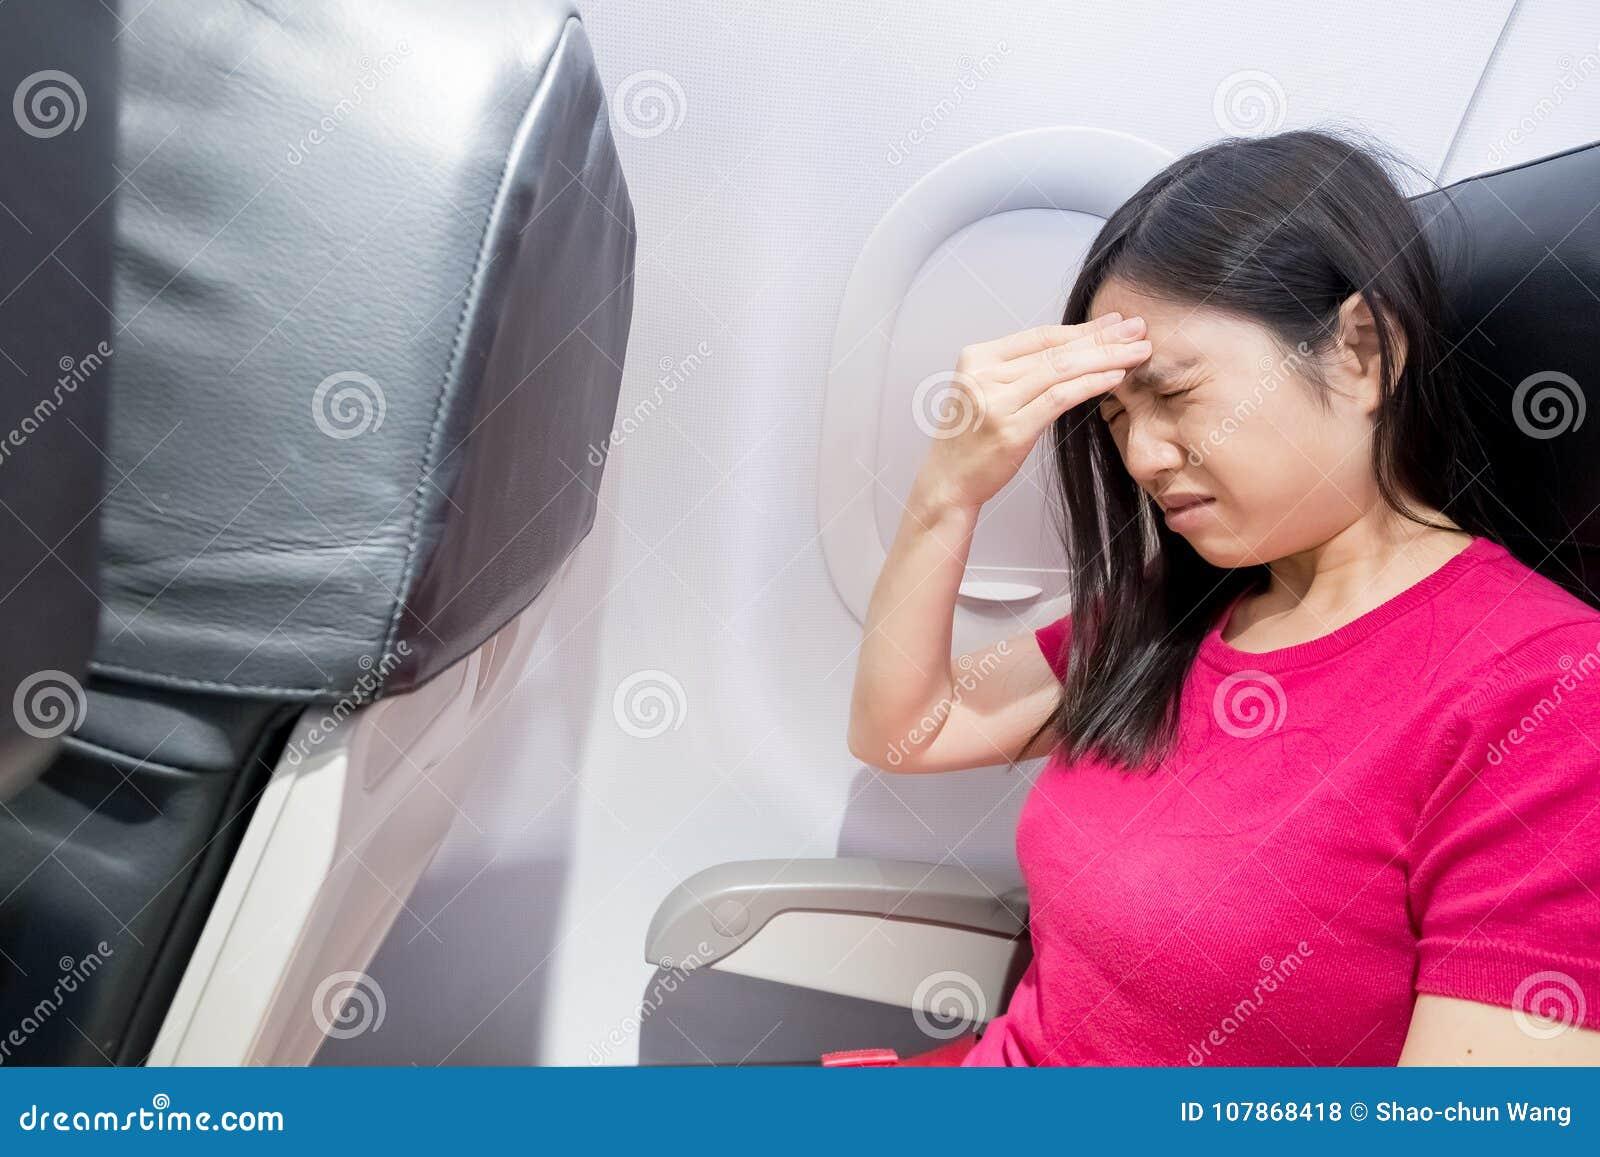 Dolor de cabeza de la sensación de la mujer en aeroplano